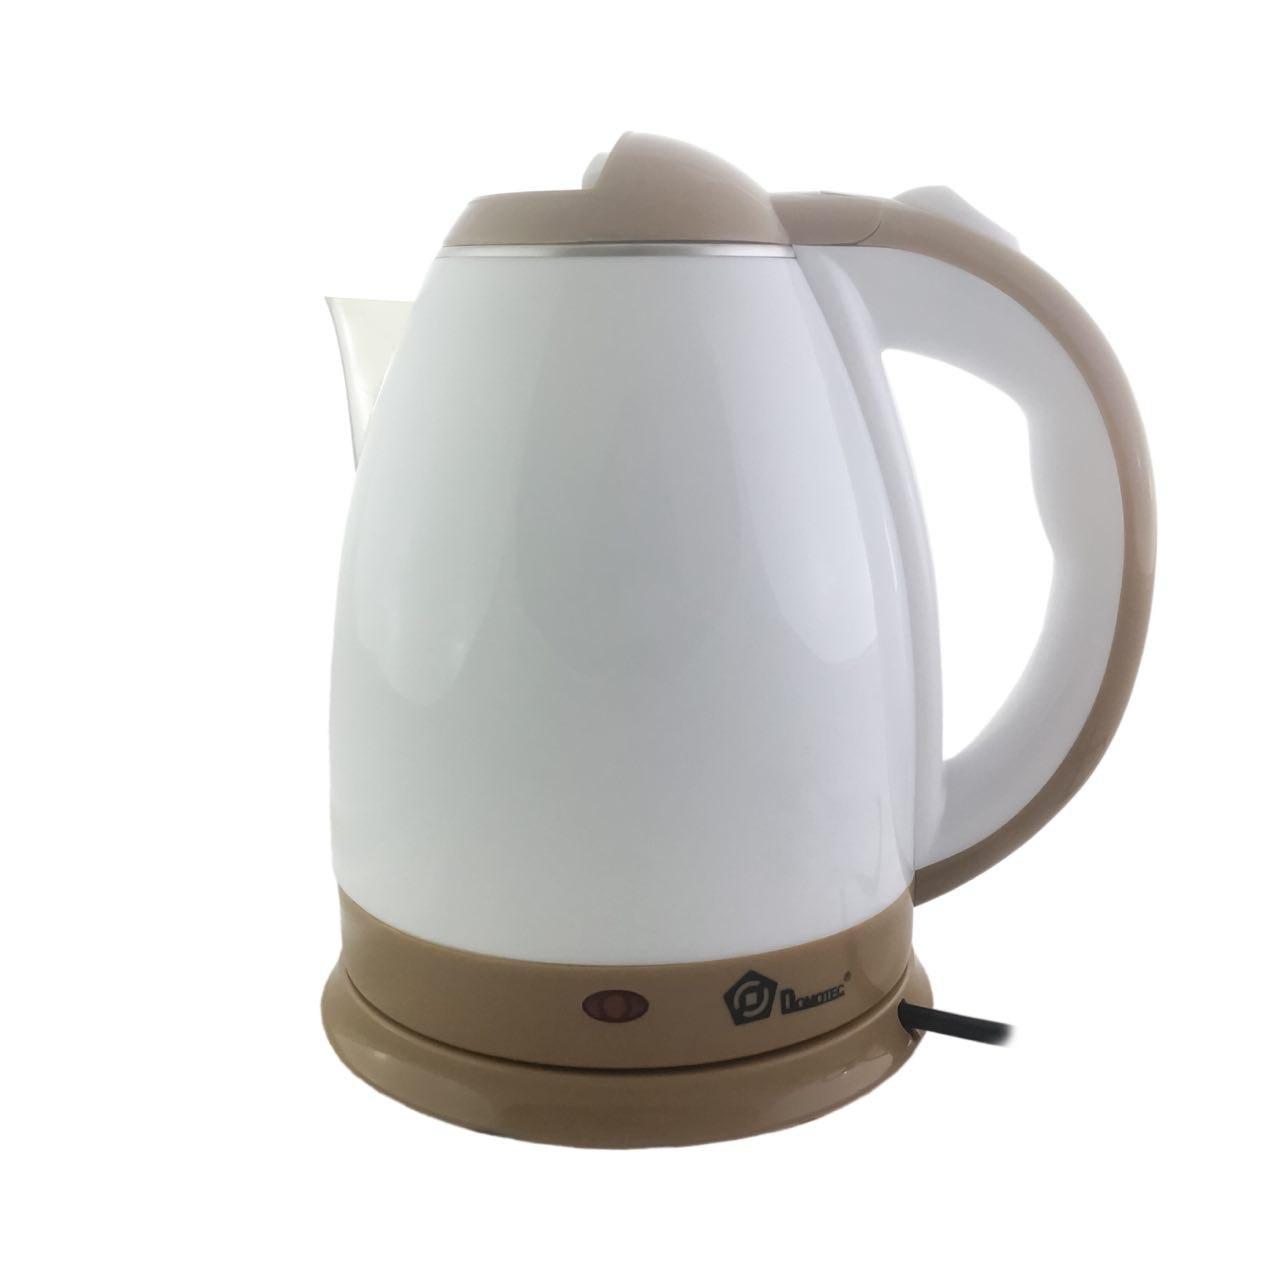 Чайник Domotec MS 5025C Коричневый 220V/1500W